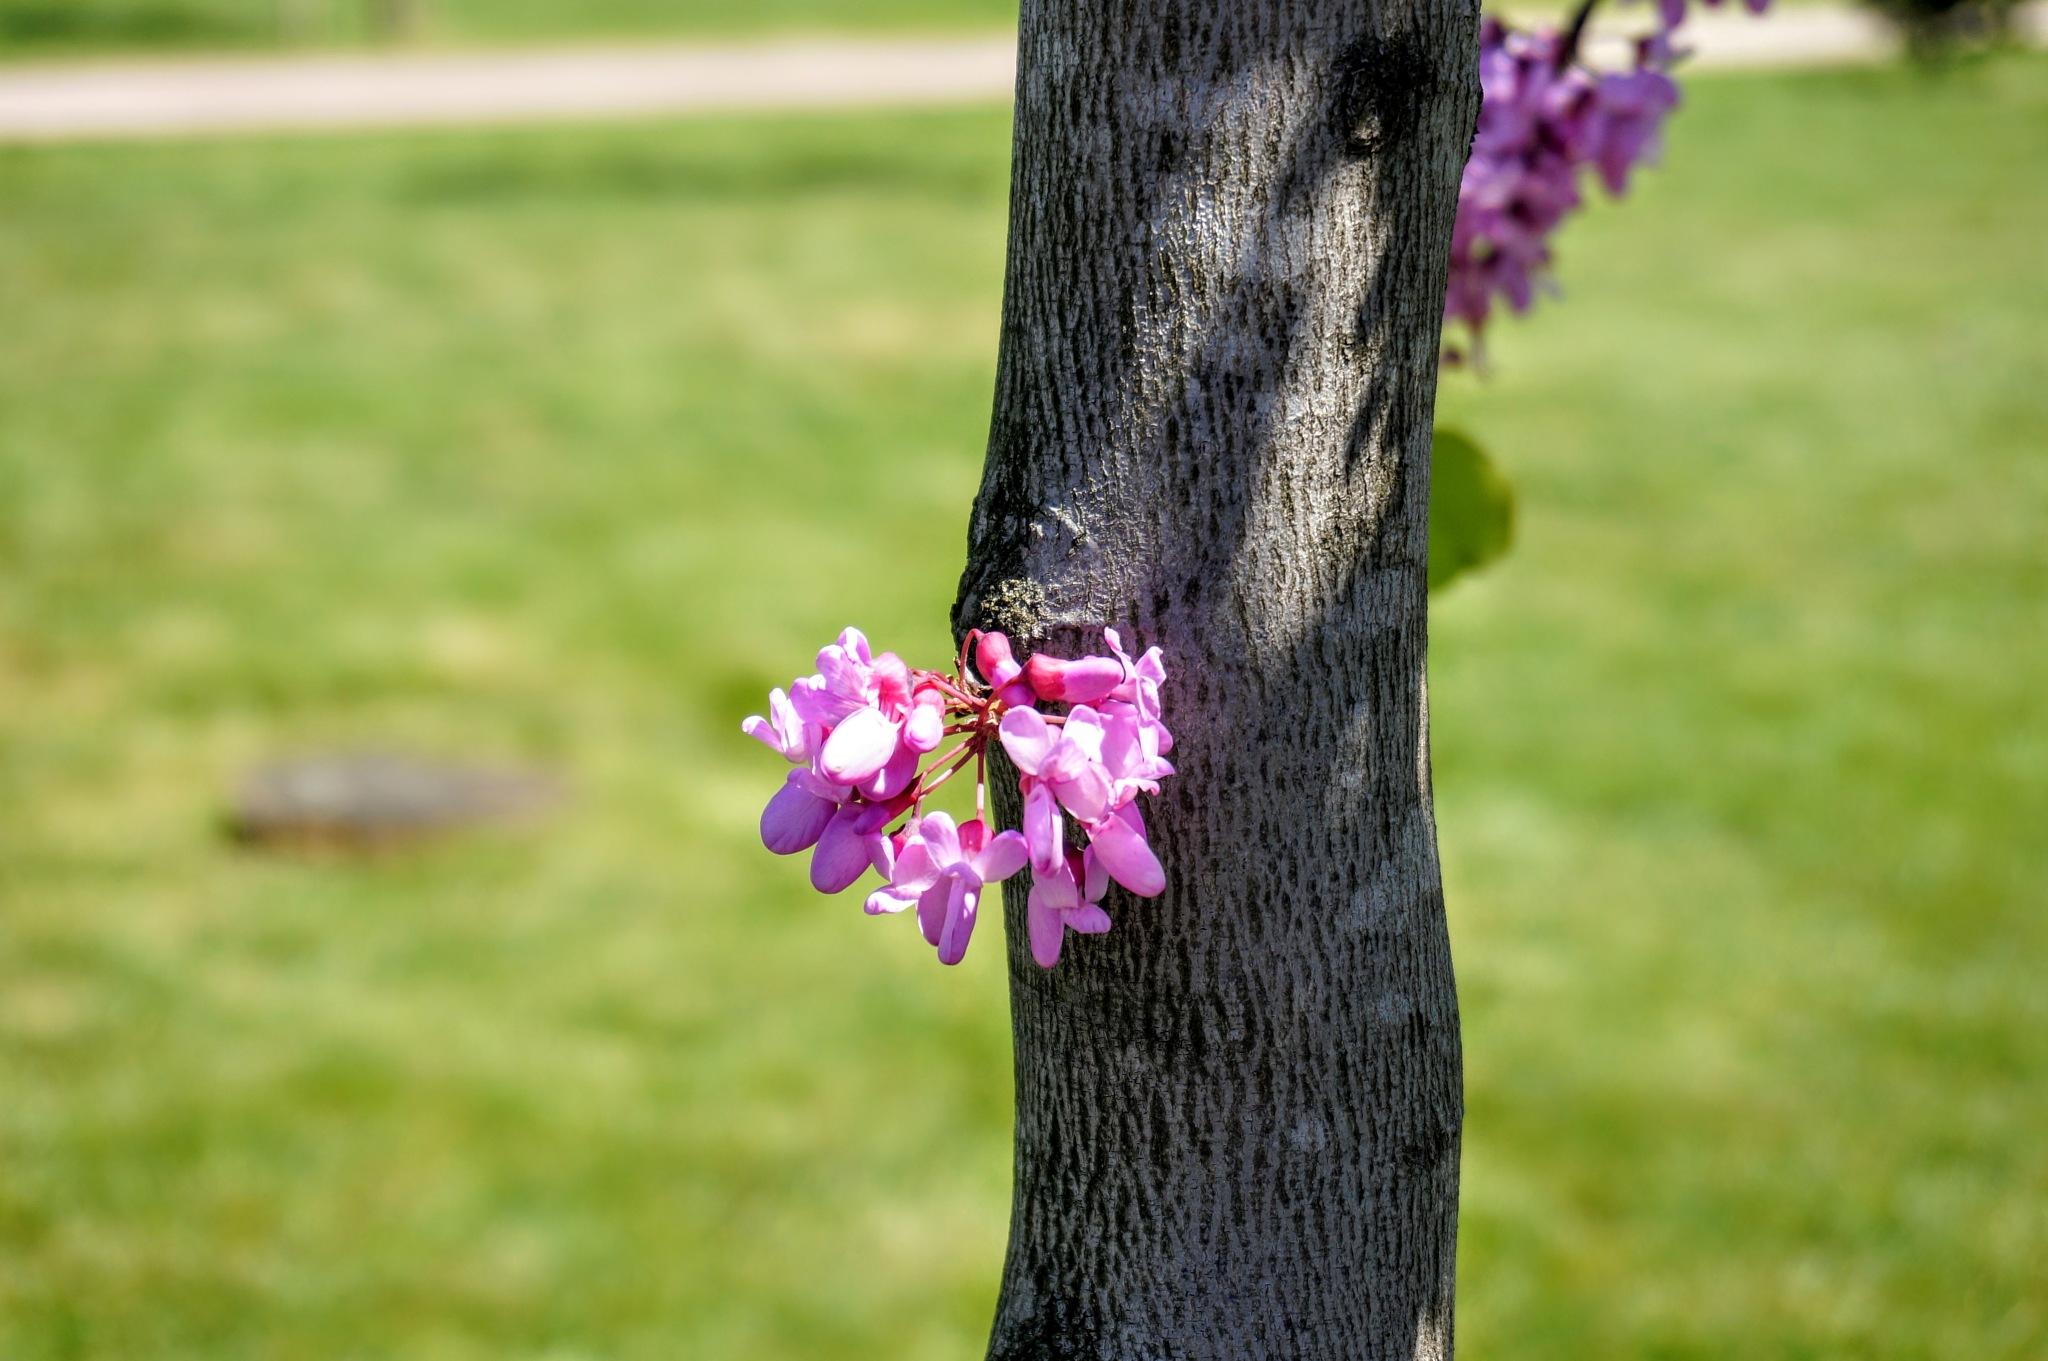 heartfelt spring by Yavuz Sevgi